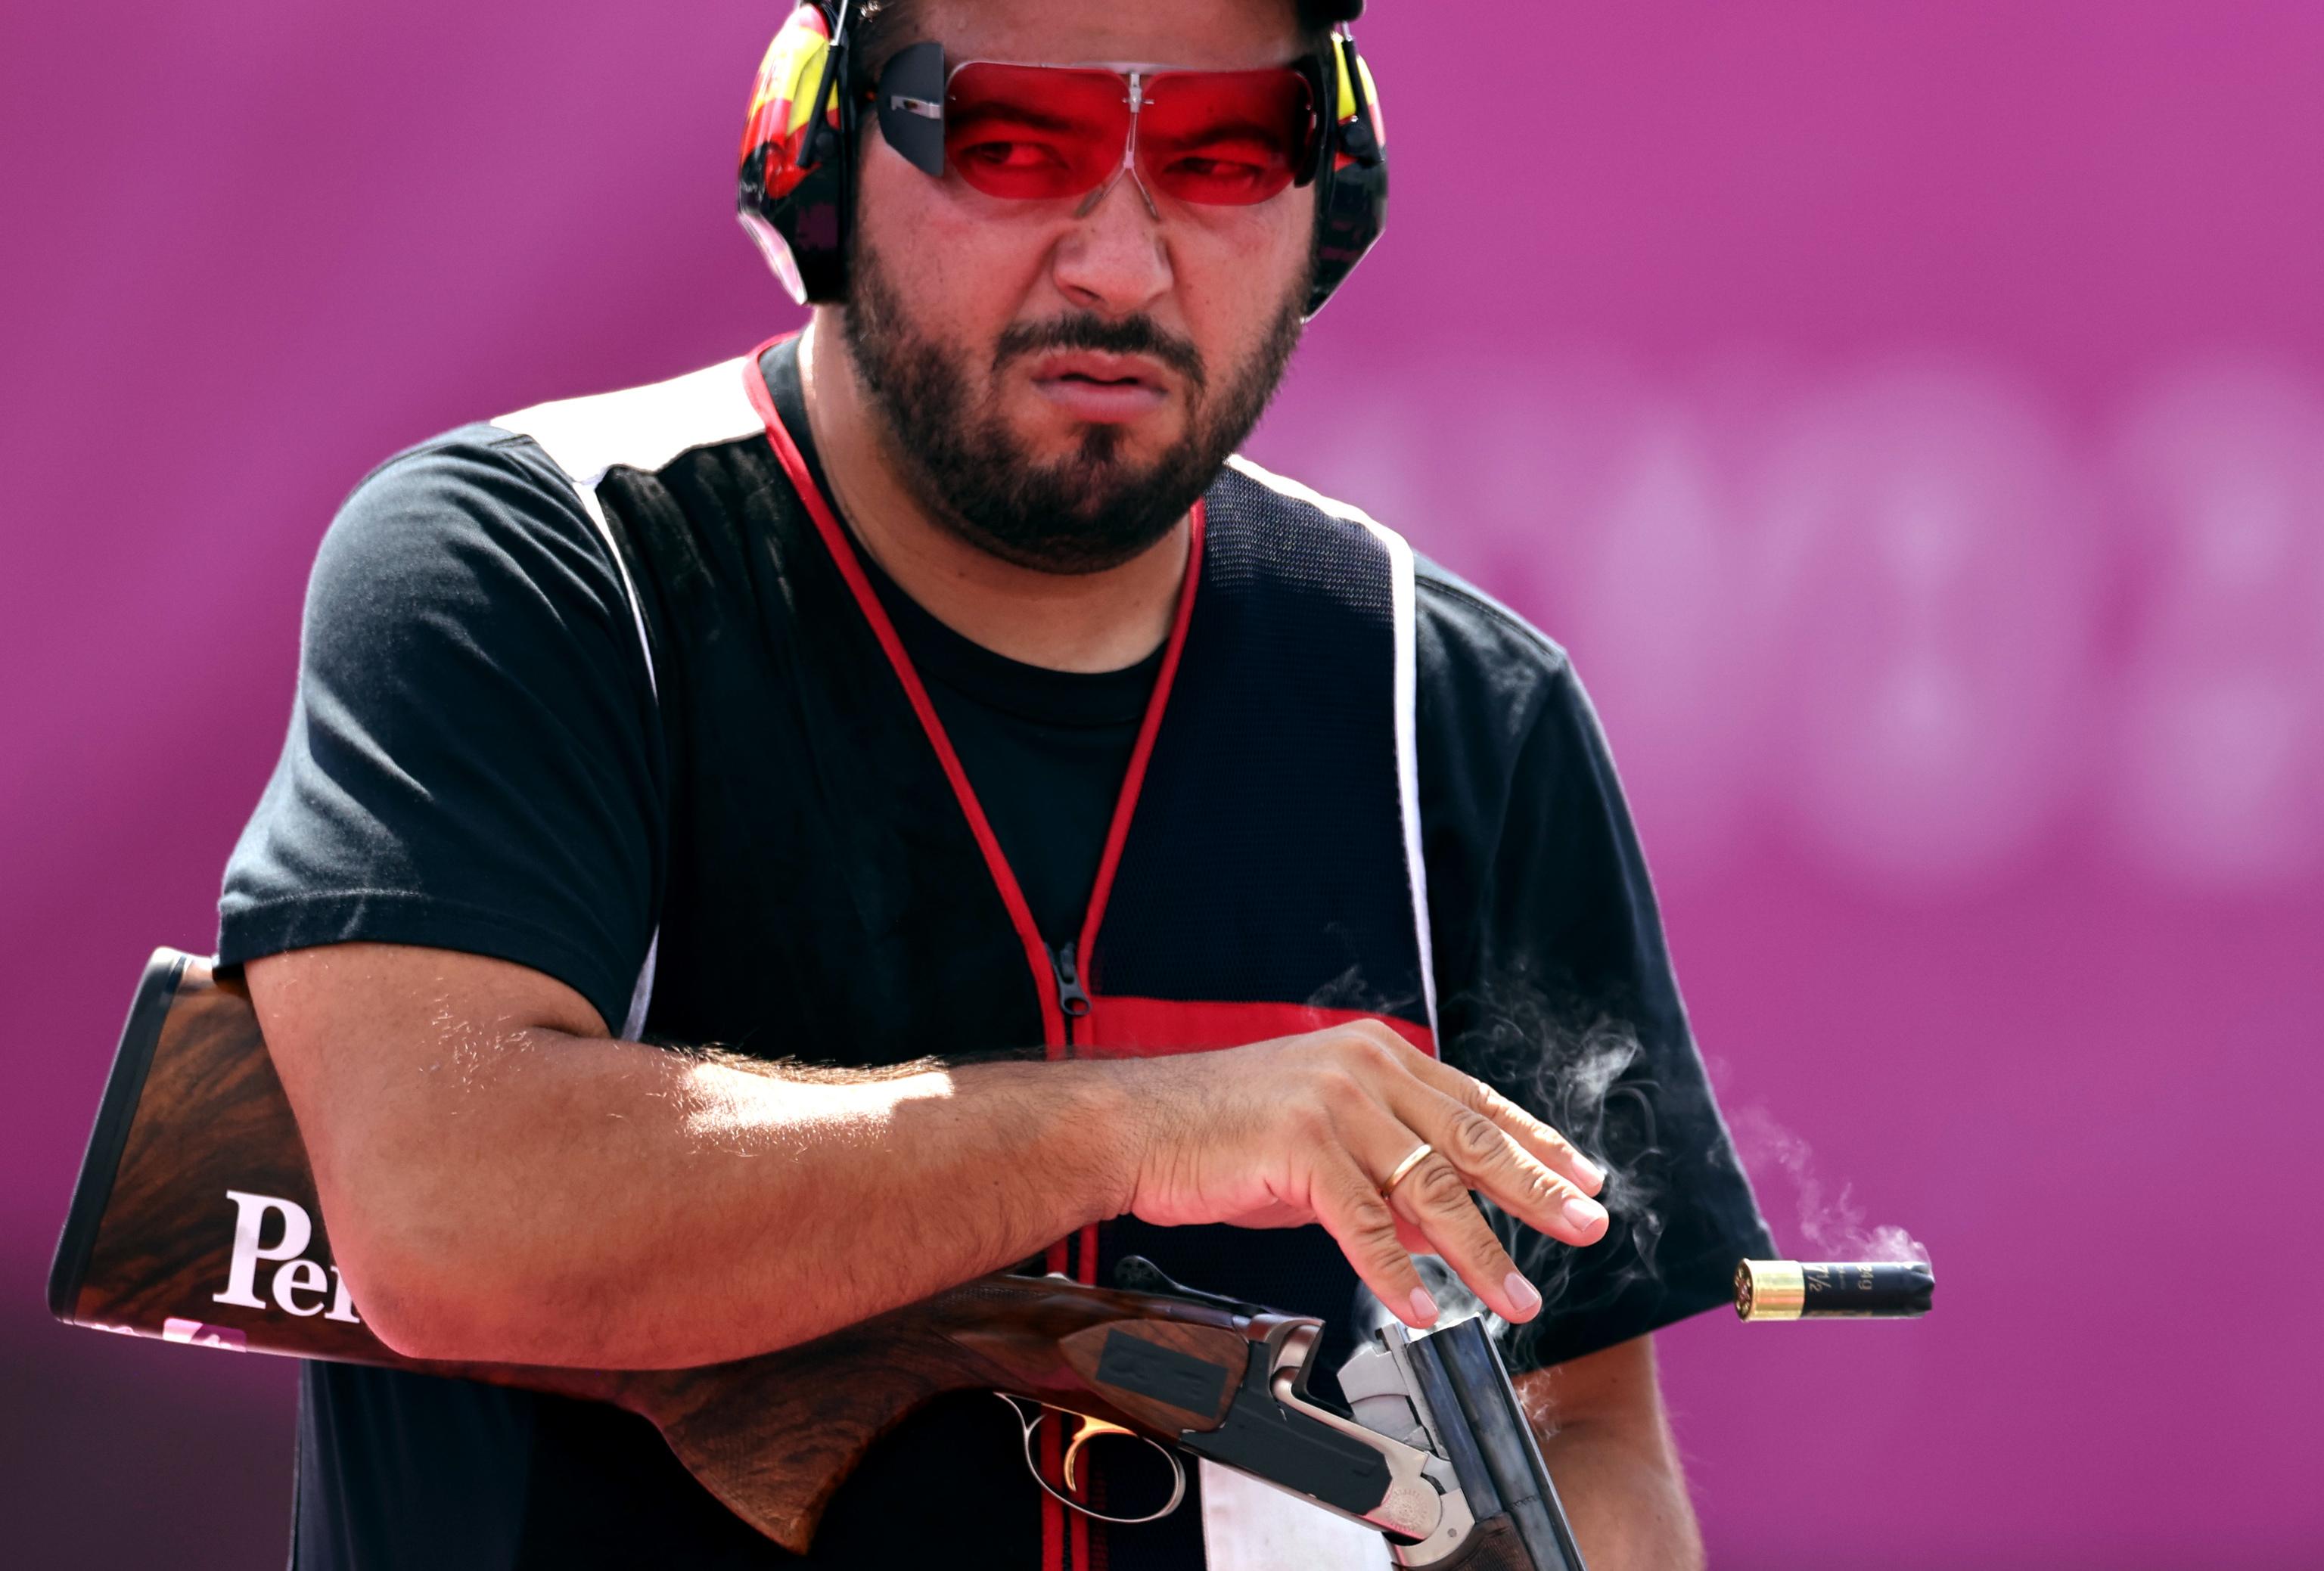 Alberto Fernandez durante la final de tiro olímpico.